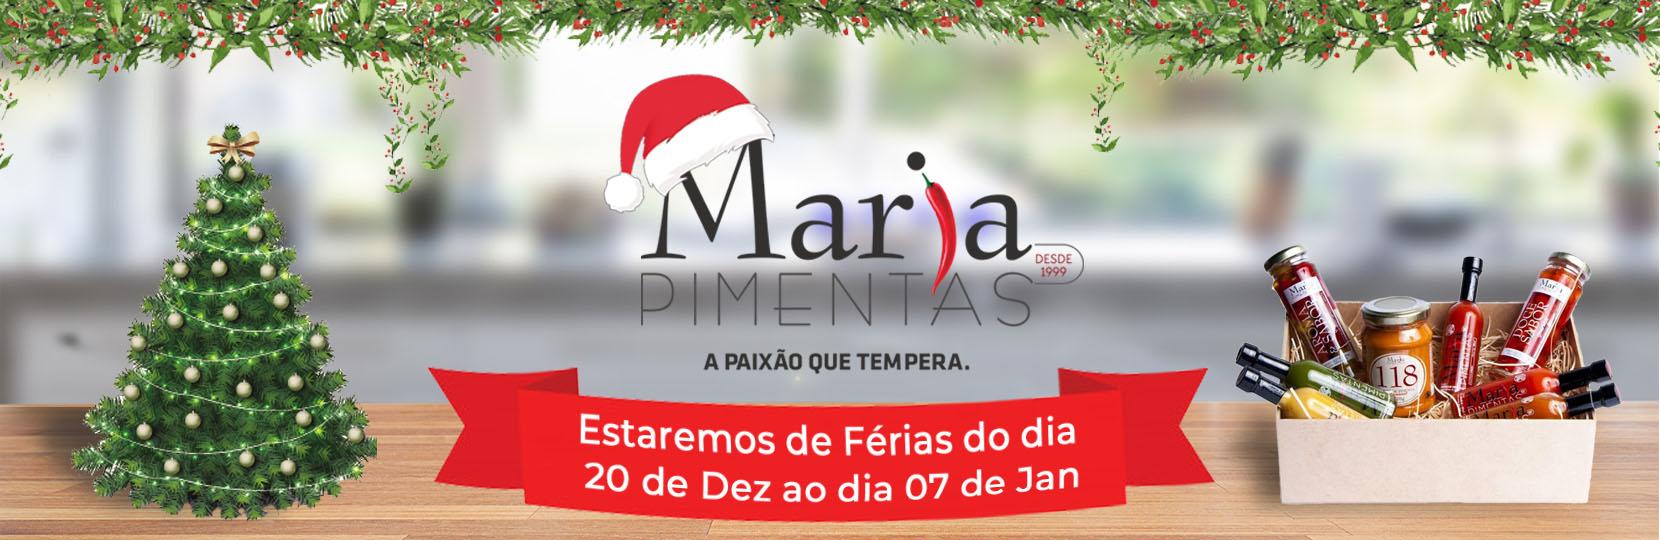 Banner de Natal